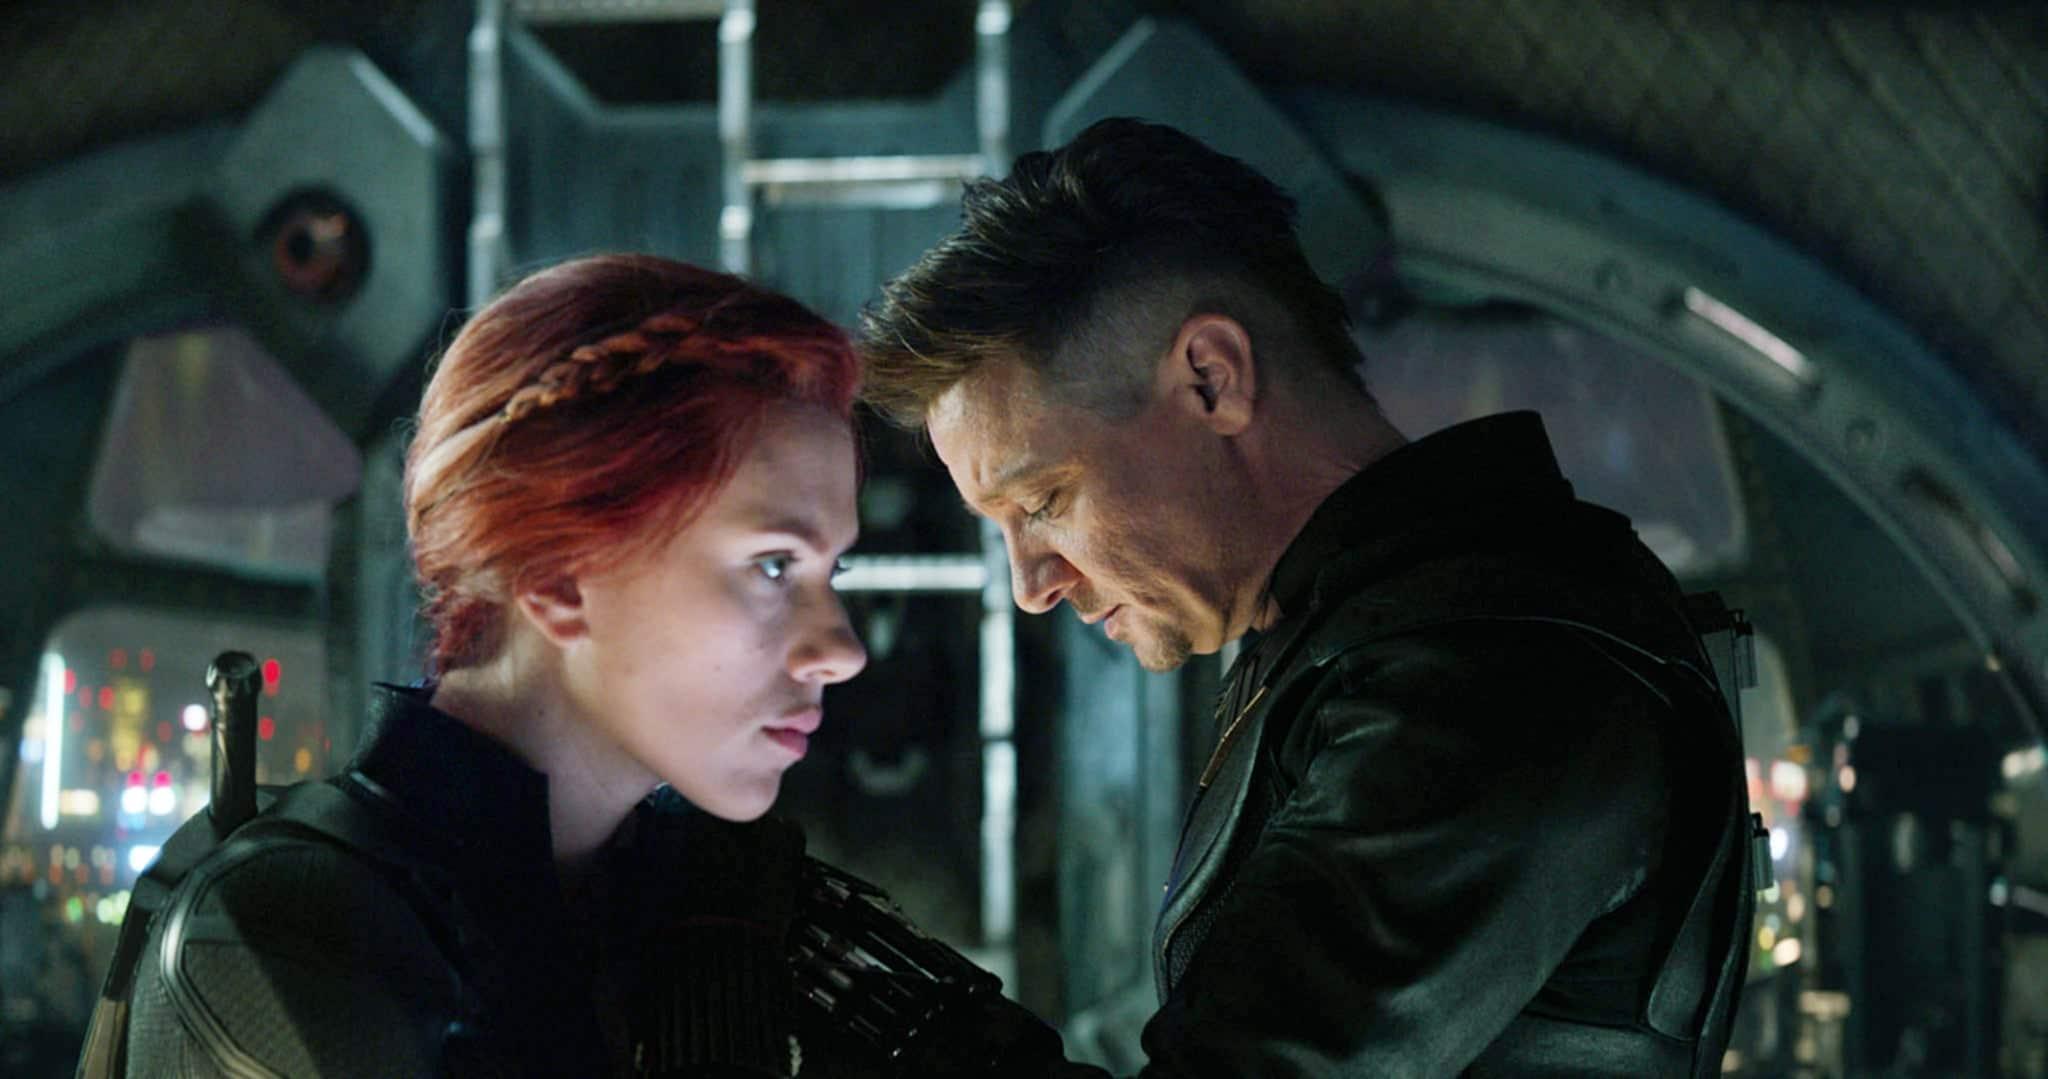 Avengers: Endgame Writers Tells Us Why Black Widow Dies